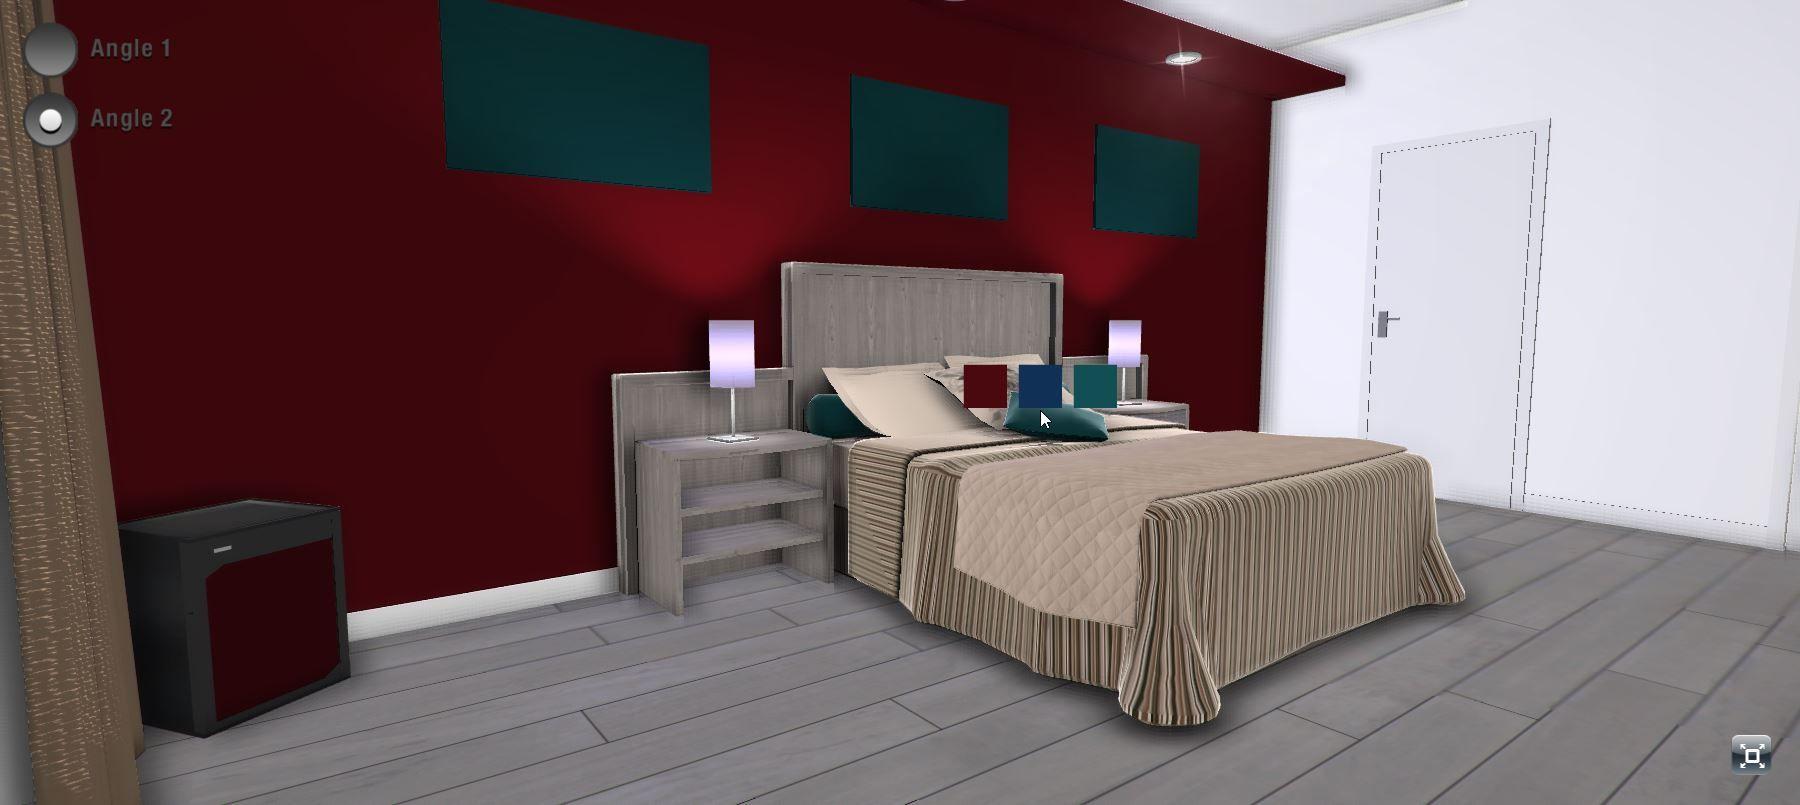 configurateur 3d de chambre d 39 h tel configurateurs pinterest. Black Bedroom Furniture Sets. Home Design Ideas